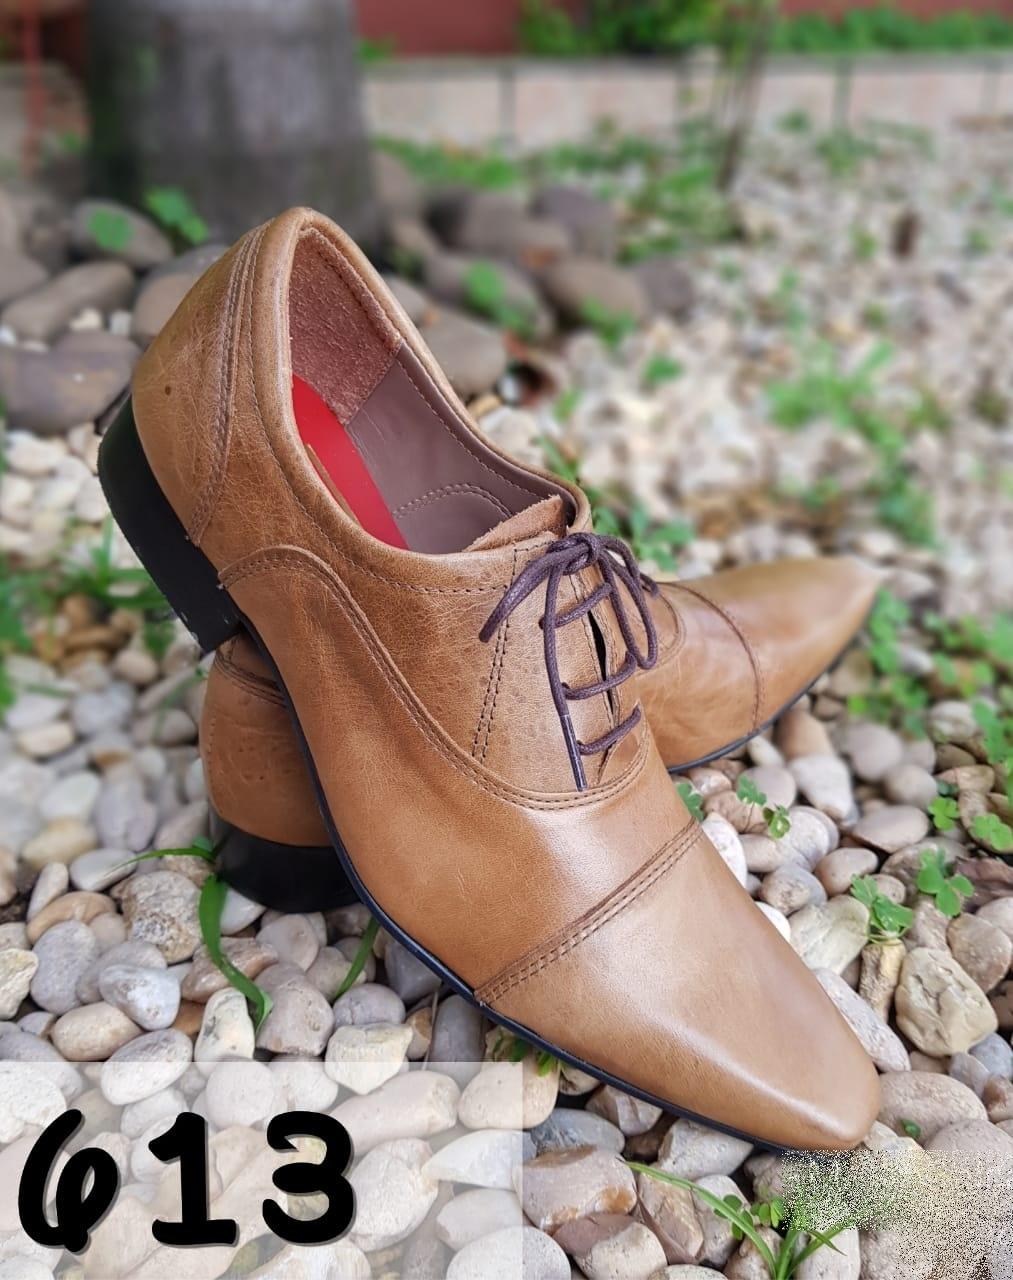 Sapatos sociais masculino cor marrom escovado com bico fino